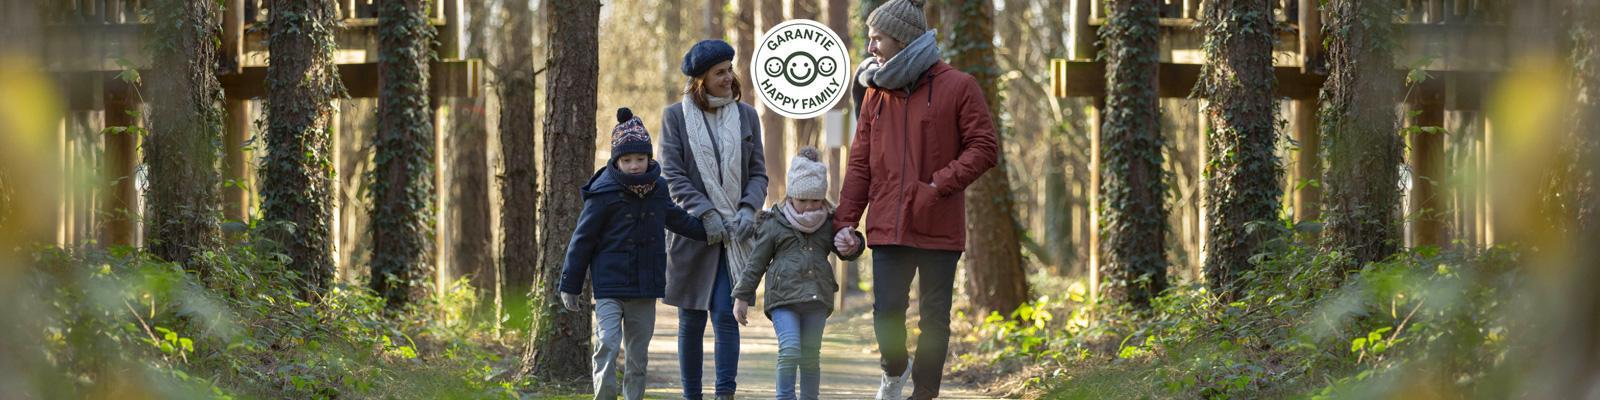 Garantie happy family